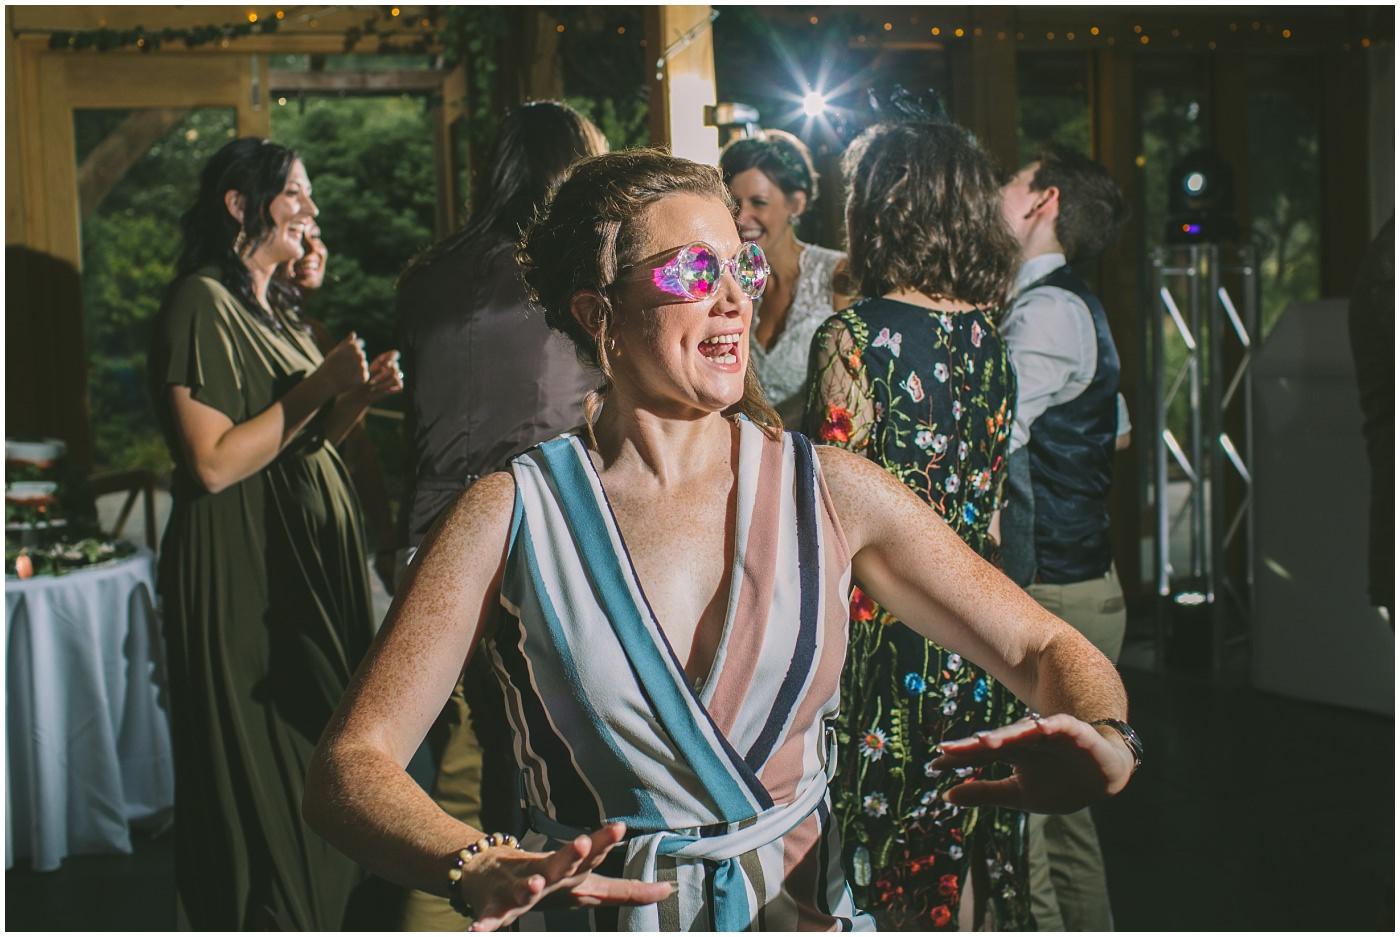 wedding guest has fun on dance floor